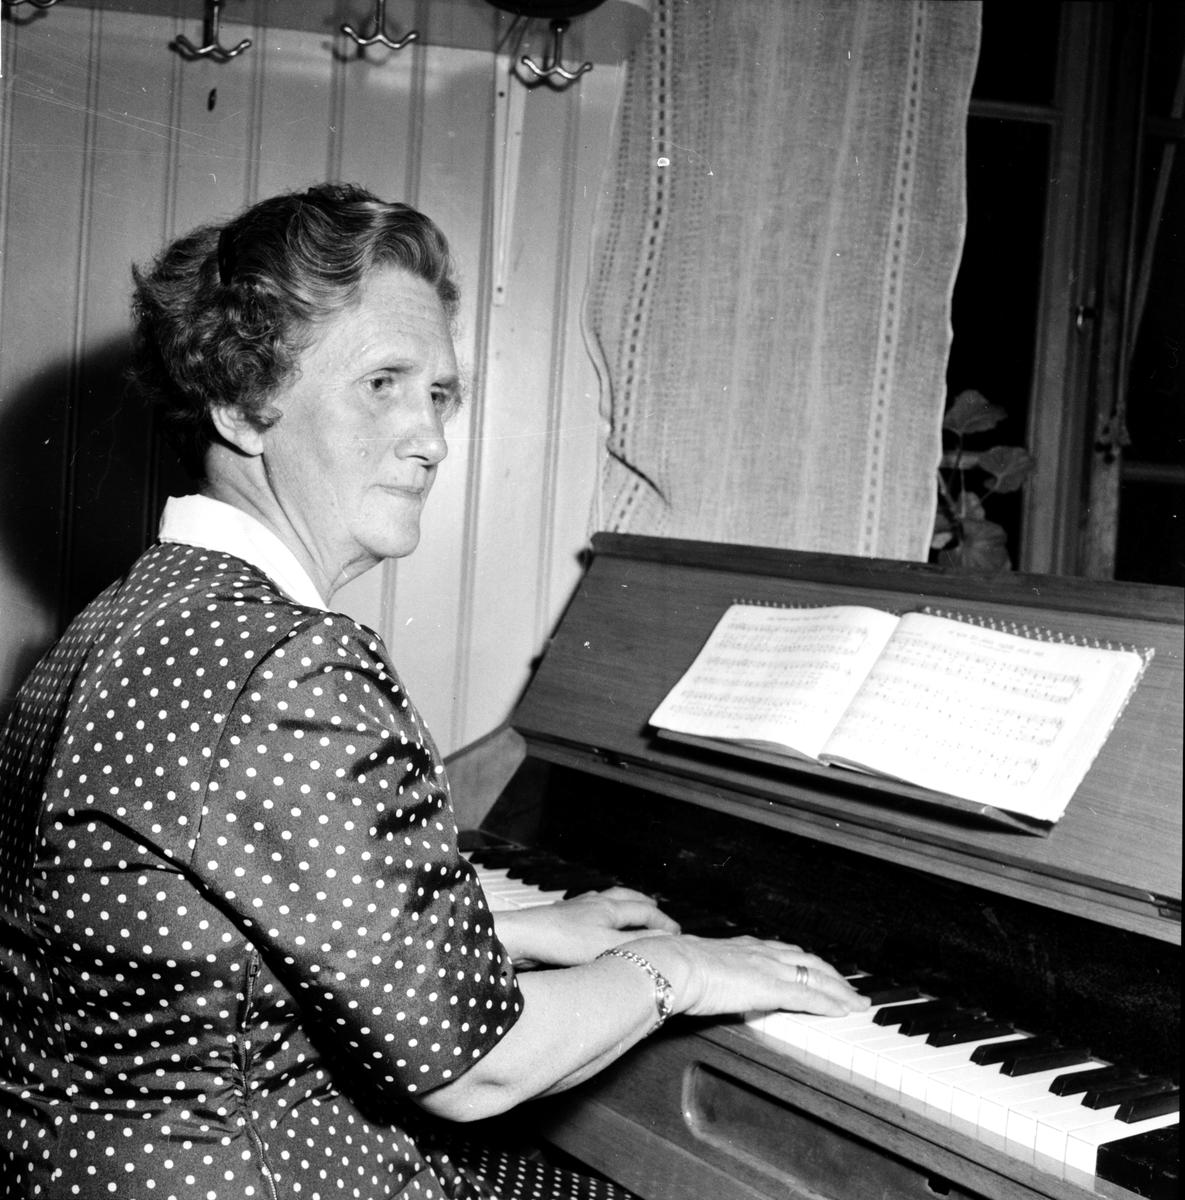 Asp Svea,Kantor, Svabensverk, N. Flä, 1962